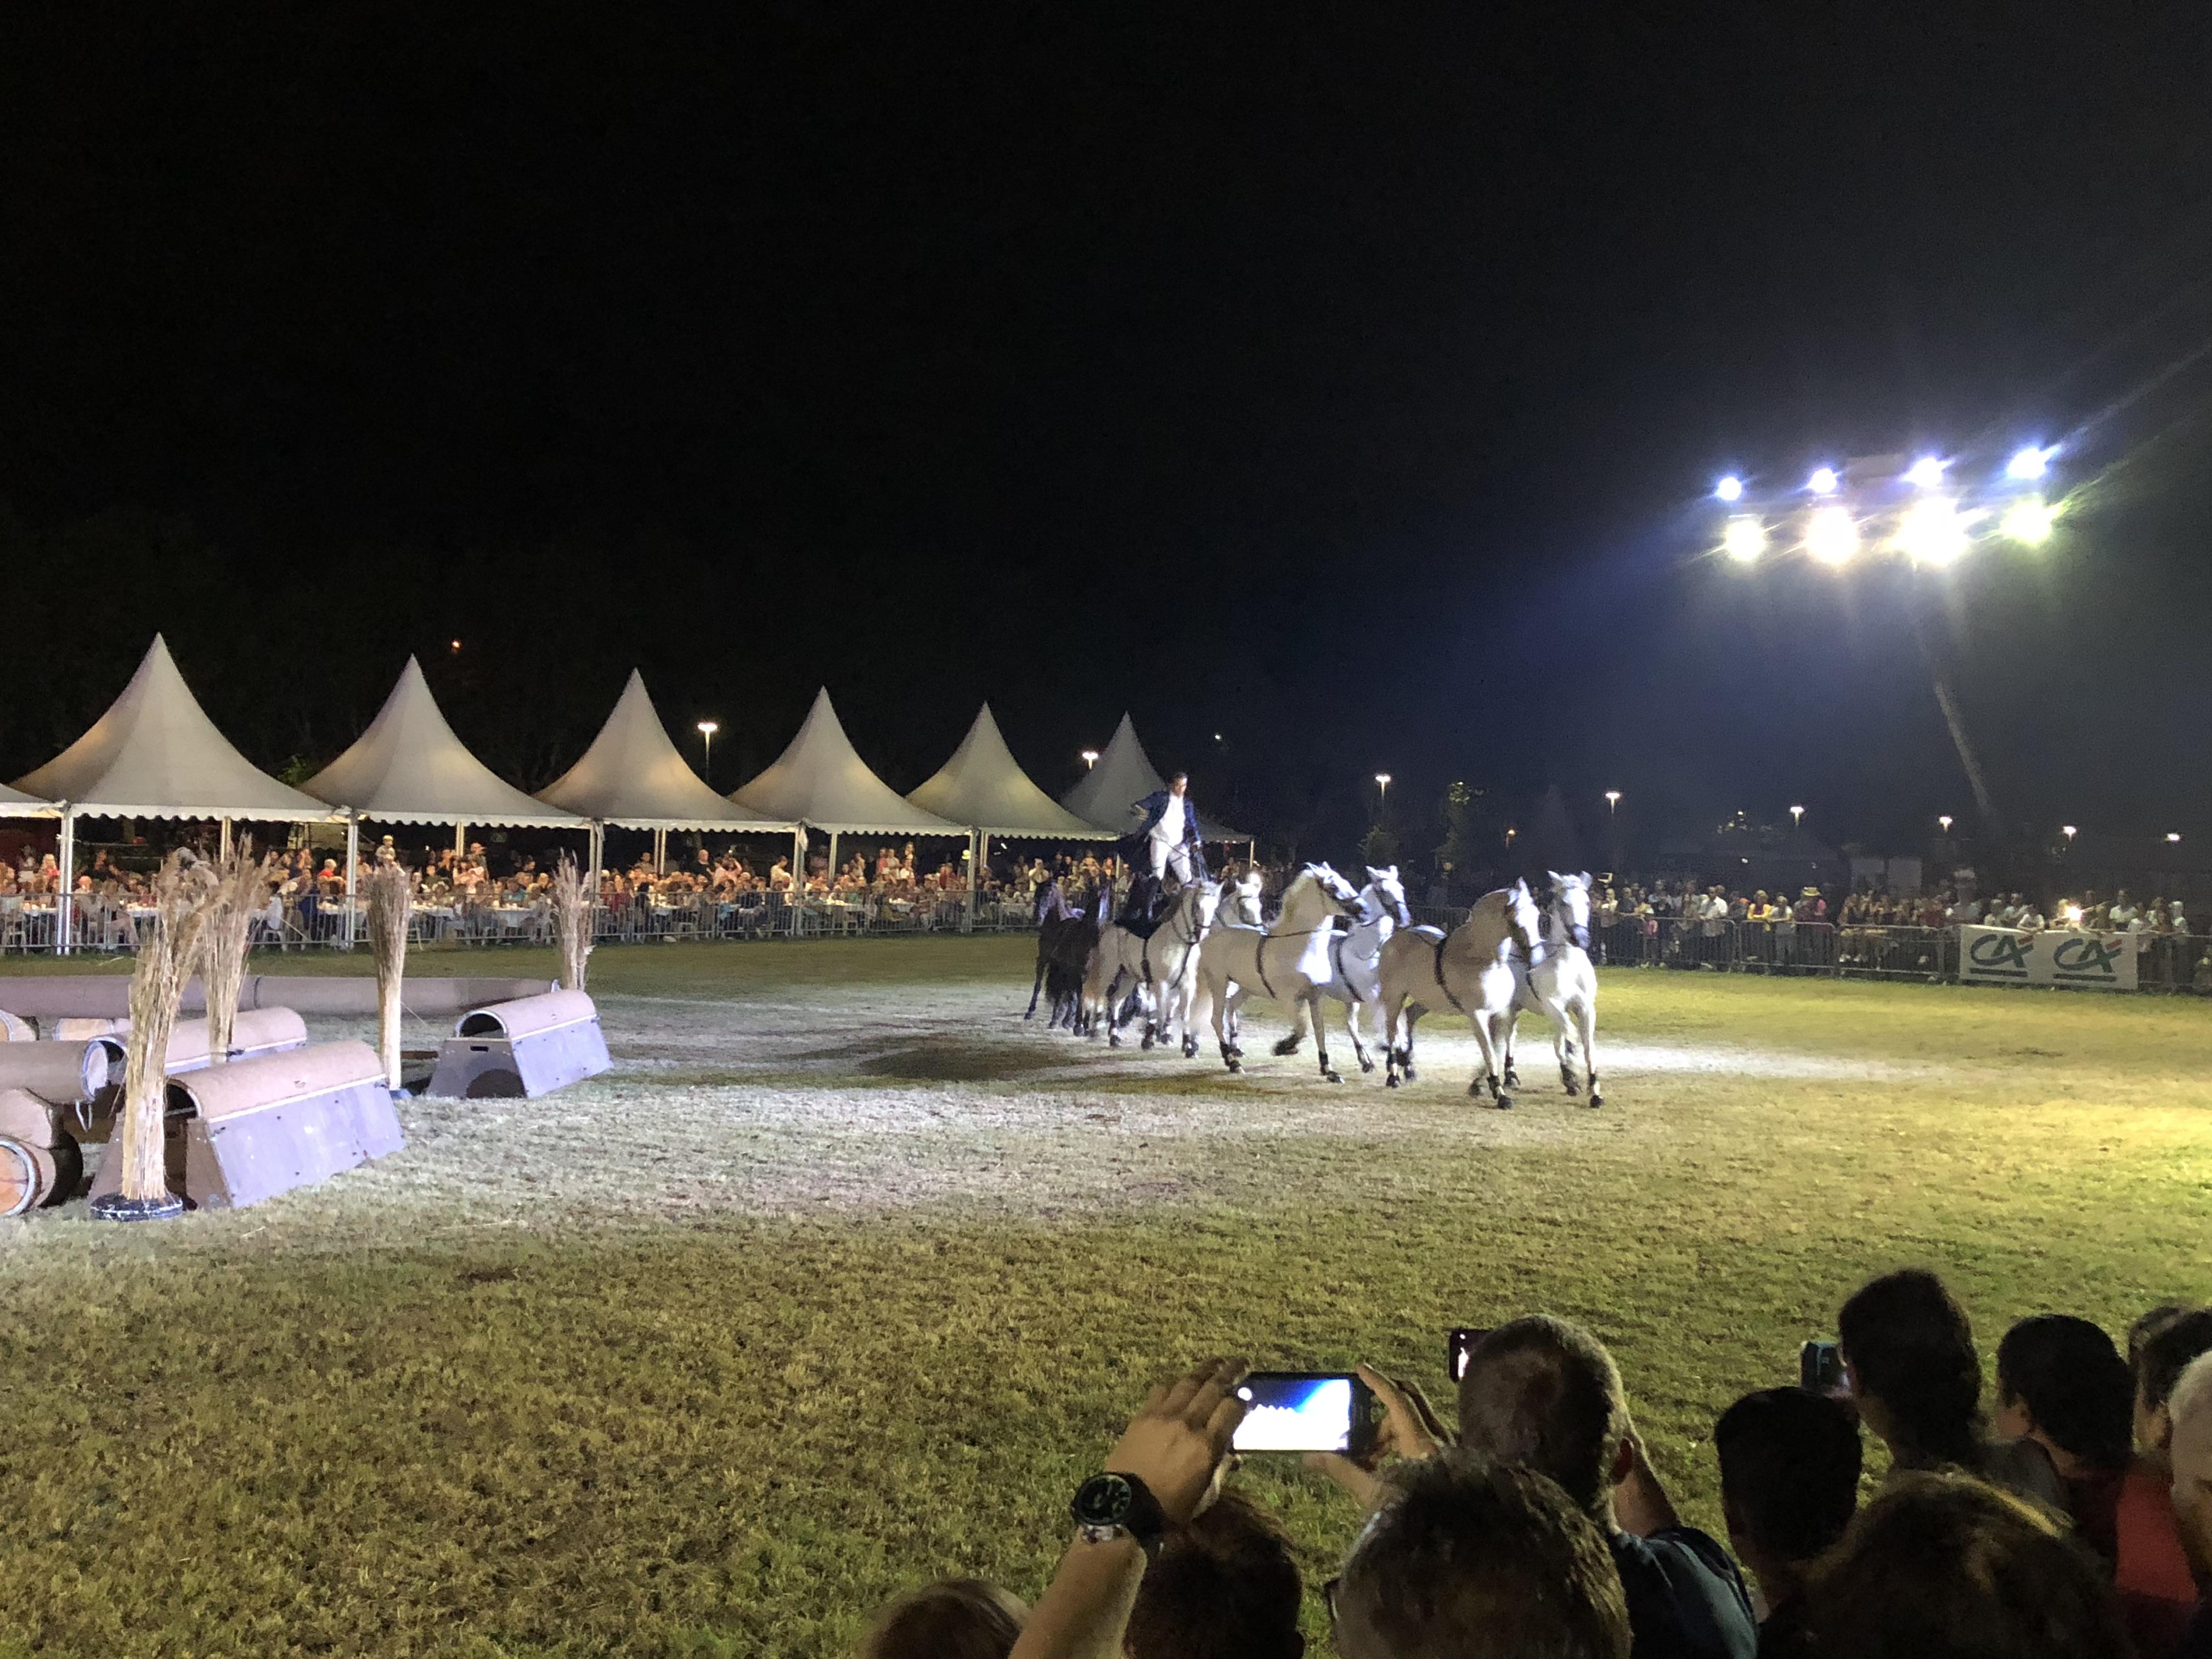 Fête du cheval à Levens-aucop-sonorisation-eclairage-location-materiel-audiovisuel-amsl equitation-nice-marseille-paris-son-lumieres-evenement-fete du cheval-levens-festivites